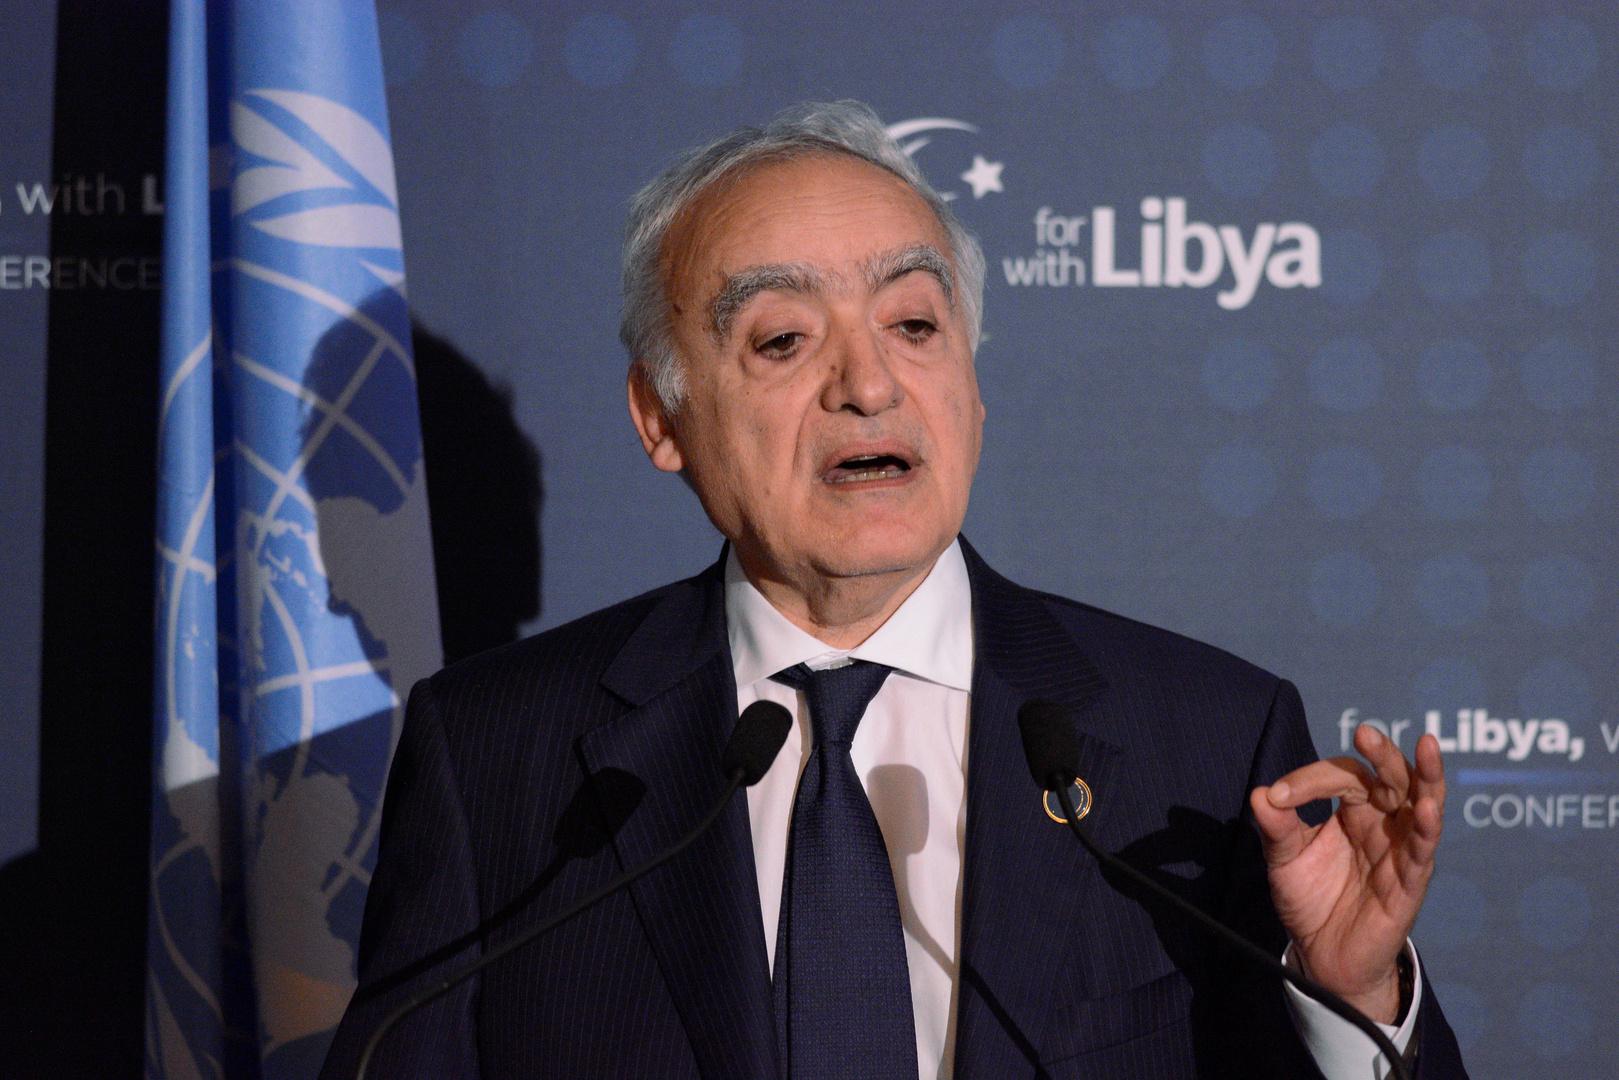 المبعوث الأممي الخاص إلى ليبيا، غسان سلامة